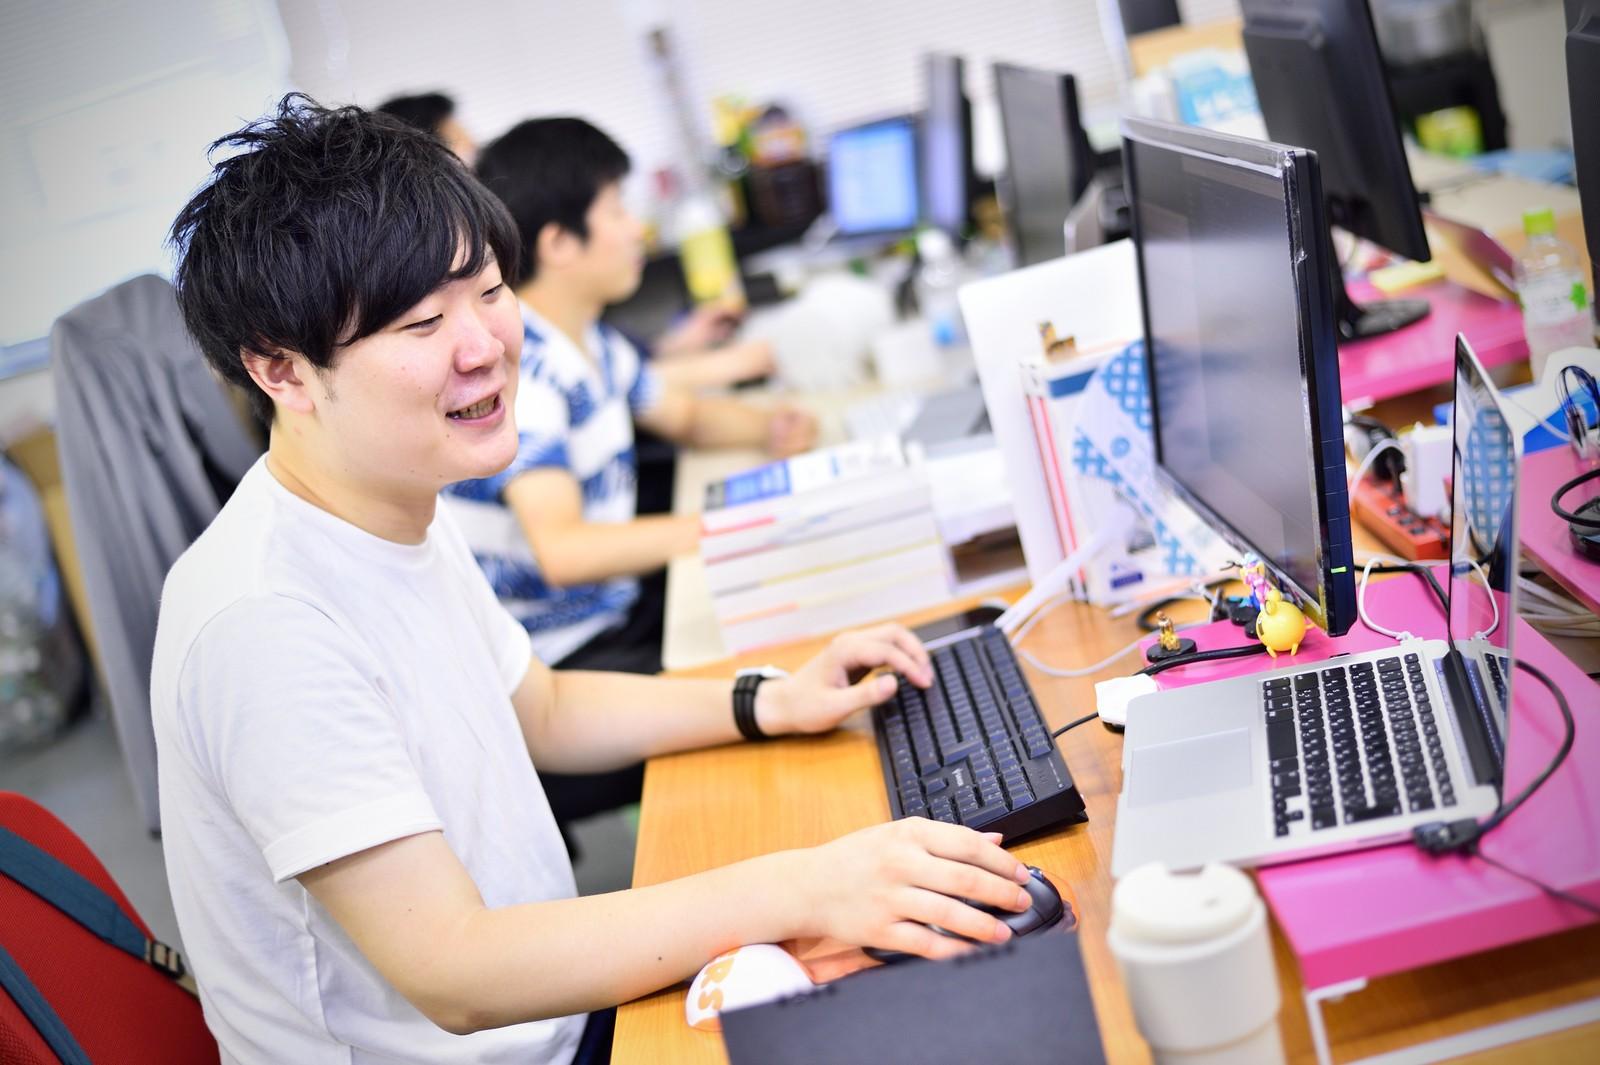 あらゆる業務で使えるビジネスメッセンジャー「direct」のAndroid開発!【東京/徳島】